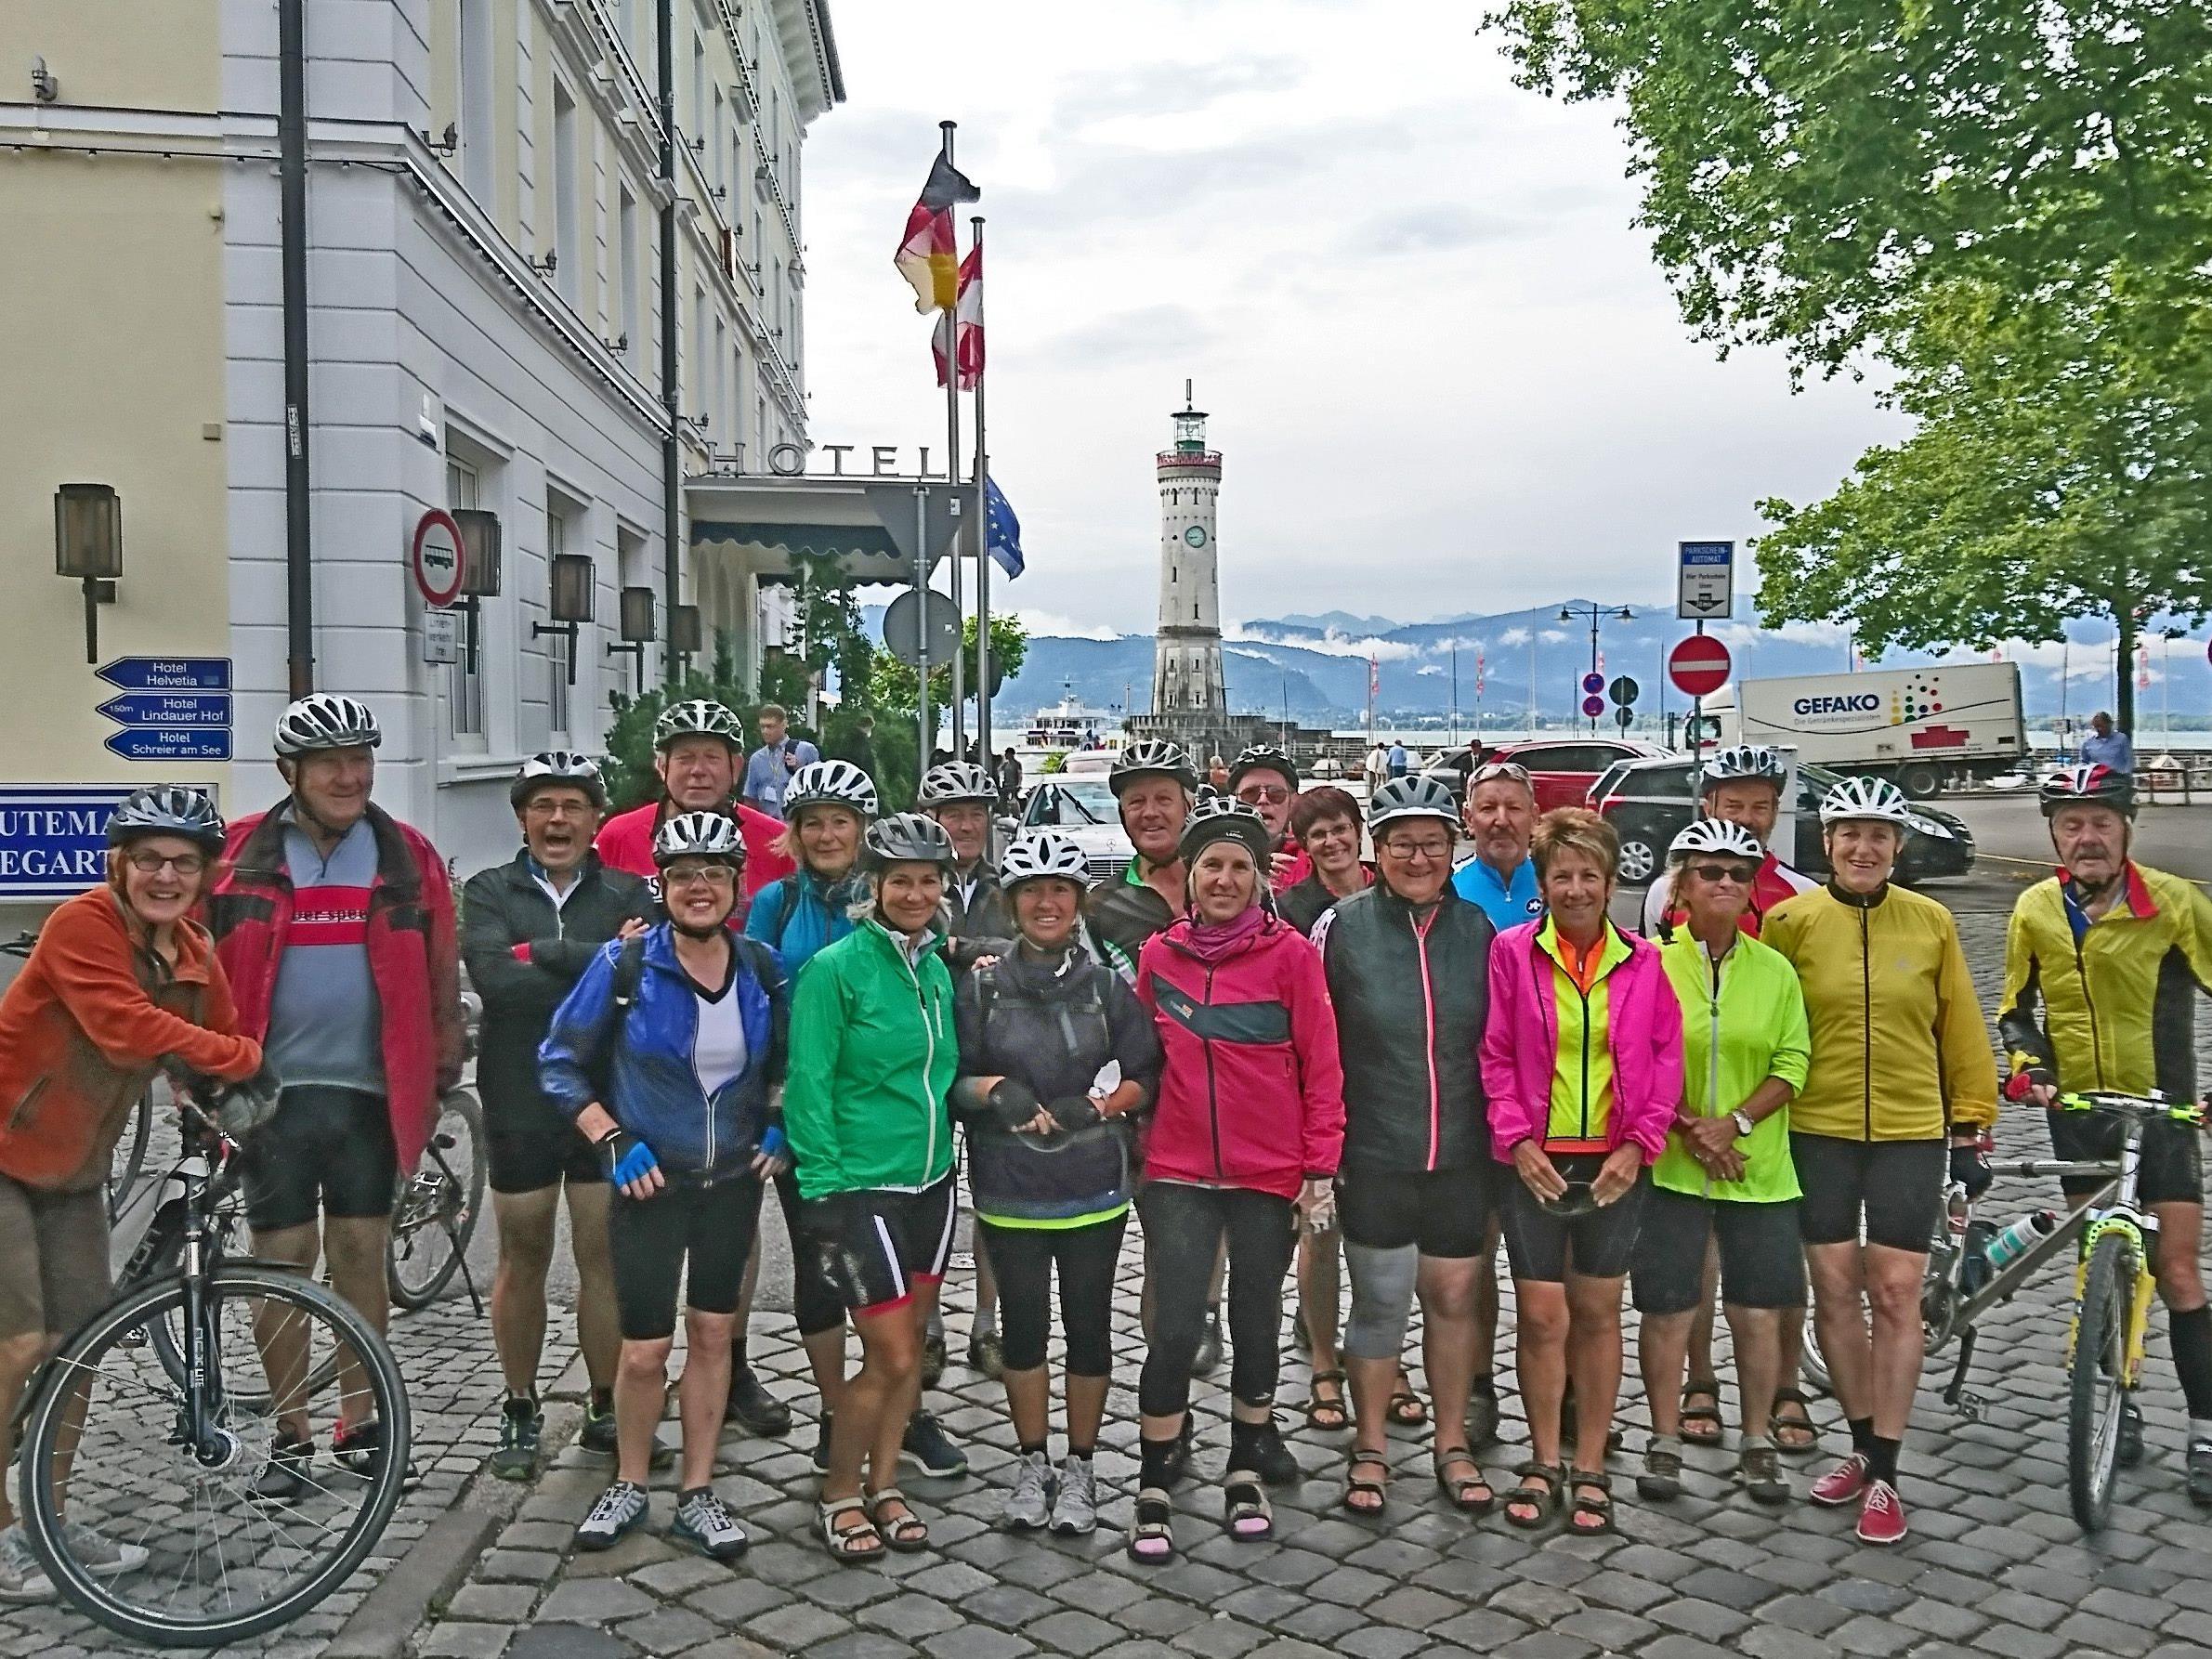 Radteam per pedales: Start in Lindau nach Biberach zu 4 herrlichen Radtagen